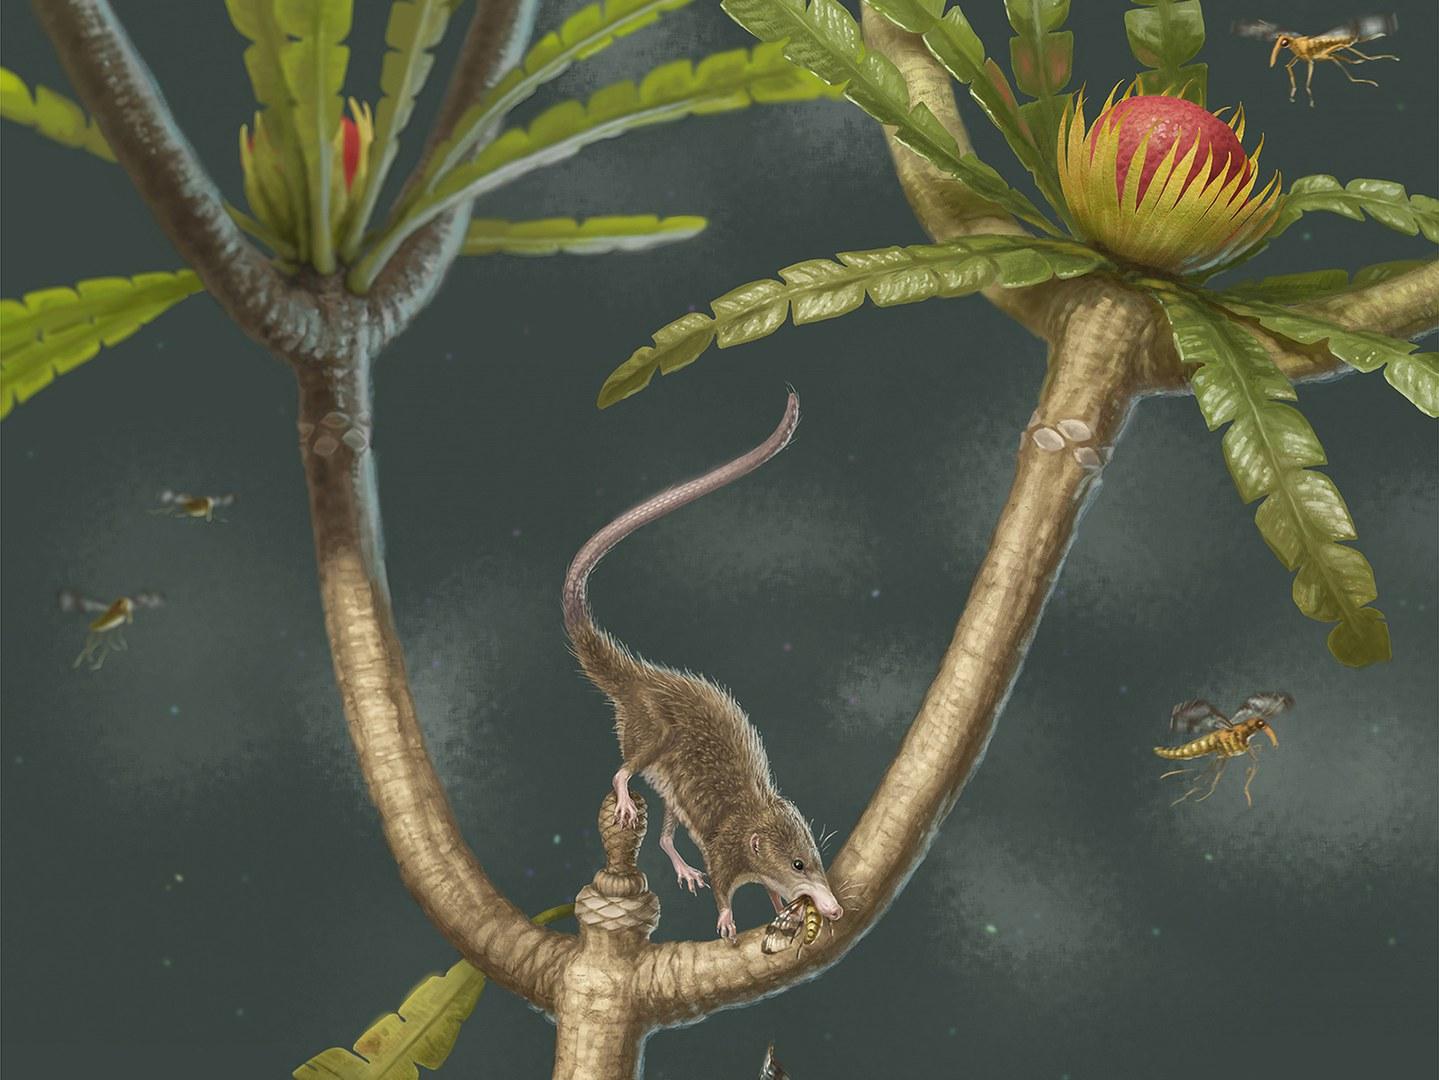 Microdocodon gracilis lebte vor mehr als 160 Millionen Jahren.